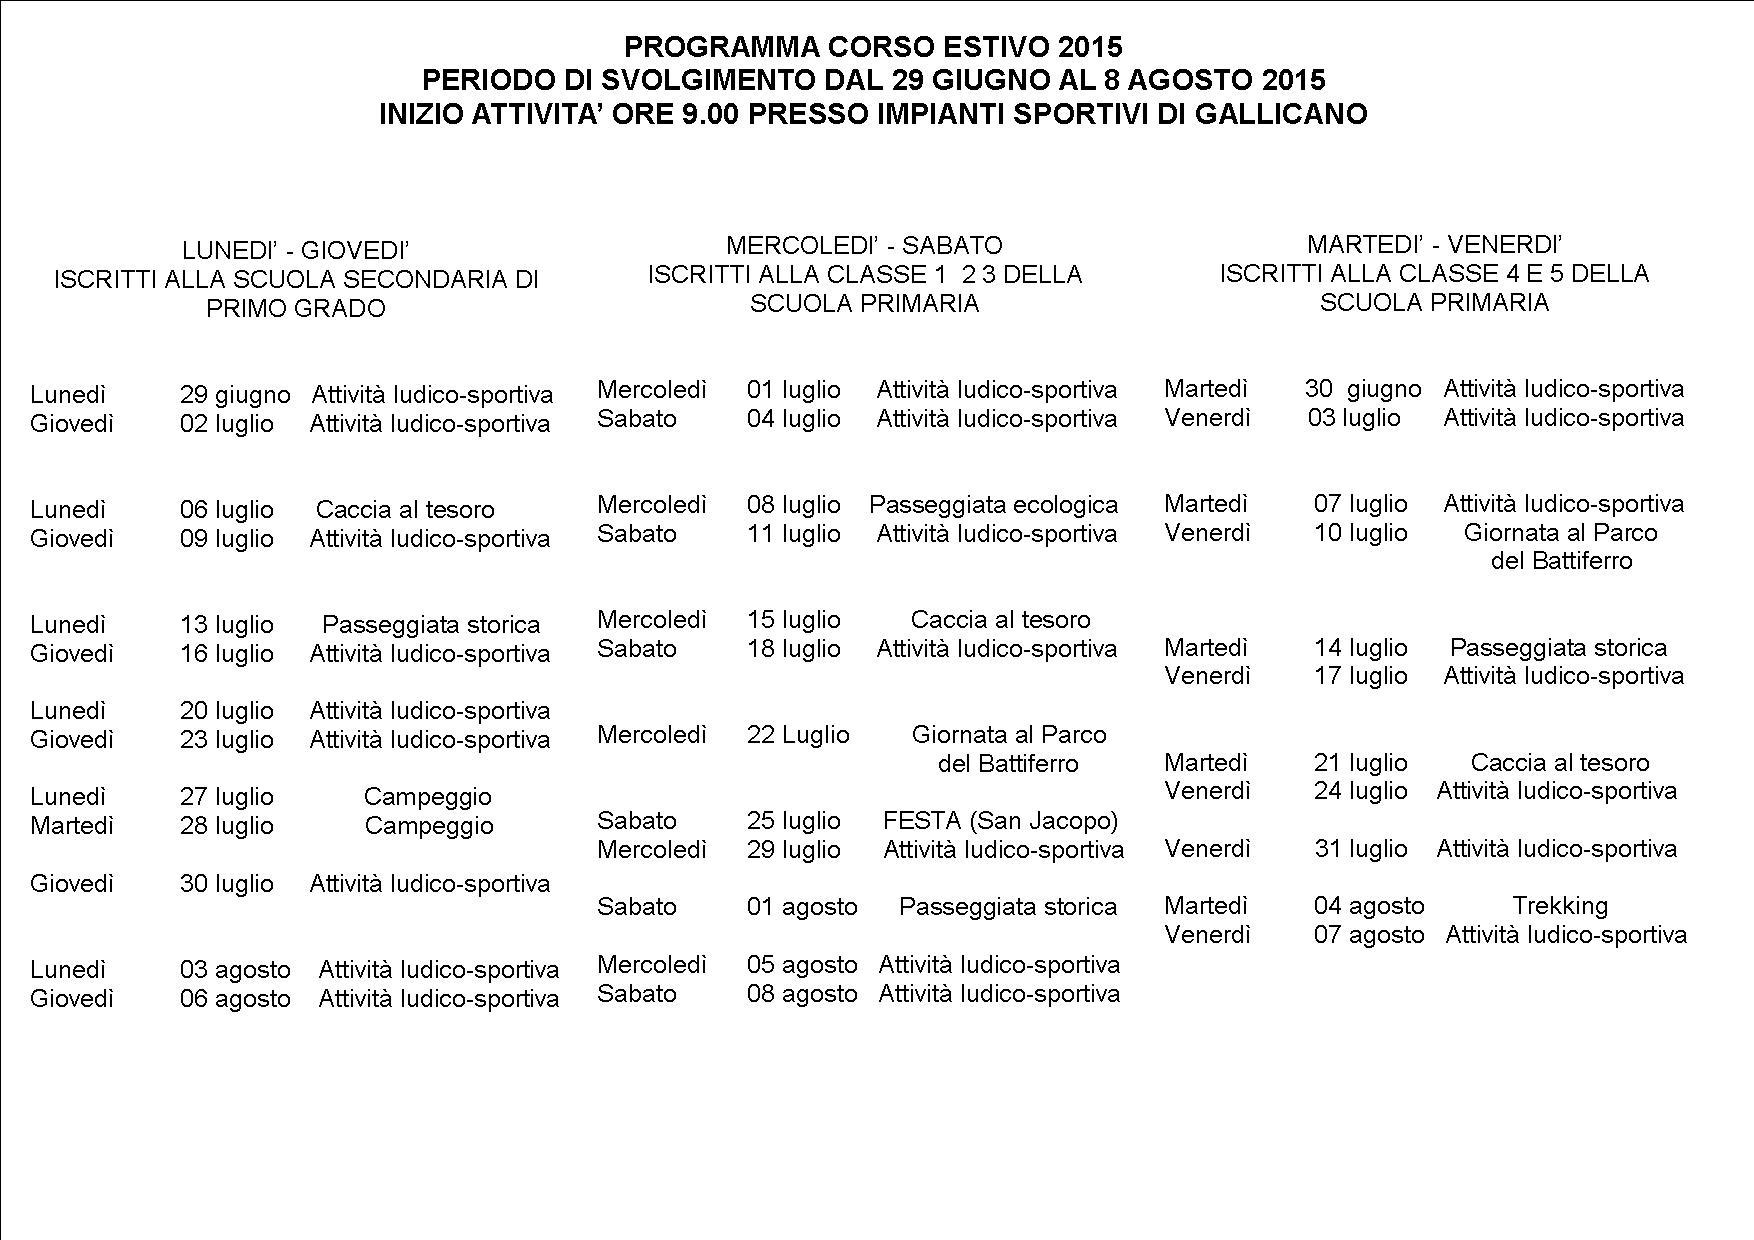 programma dettagliato 2015